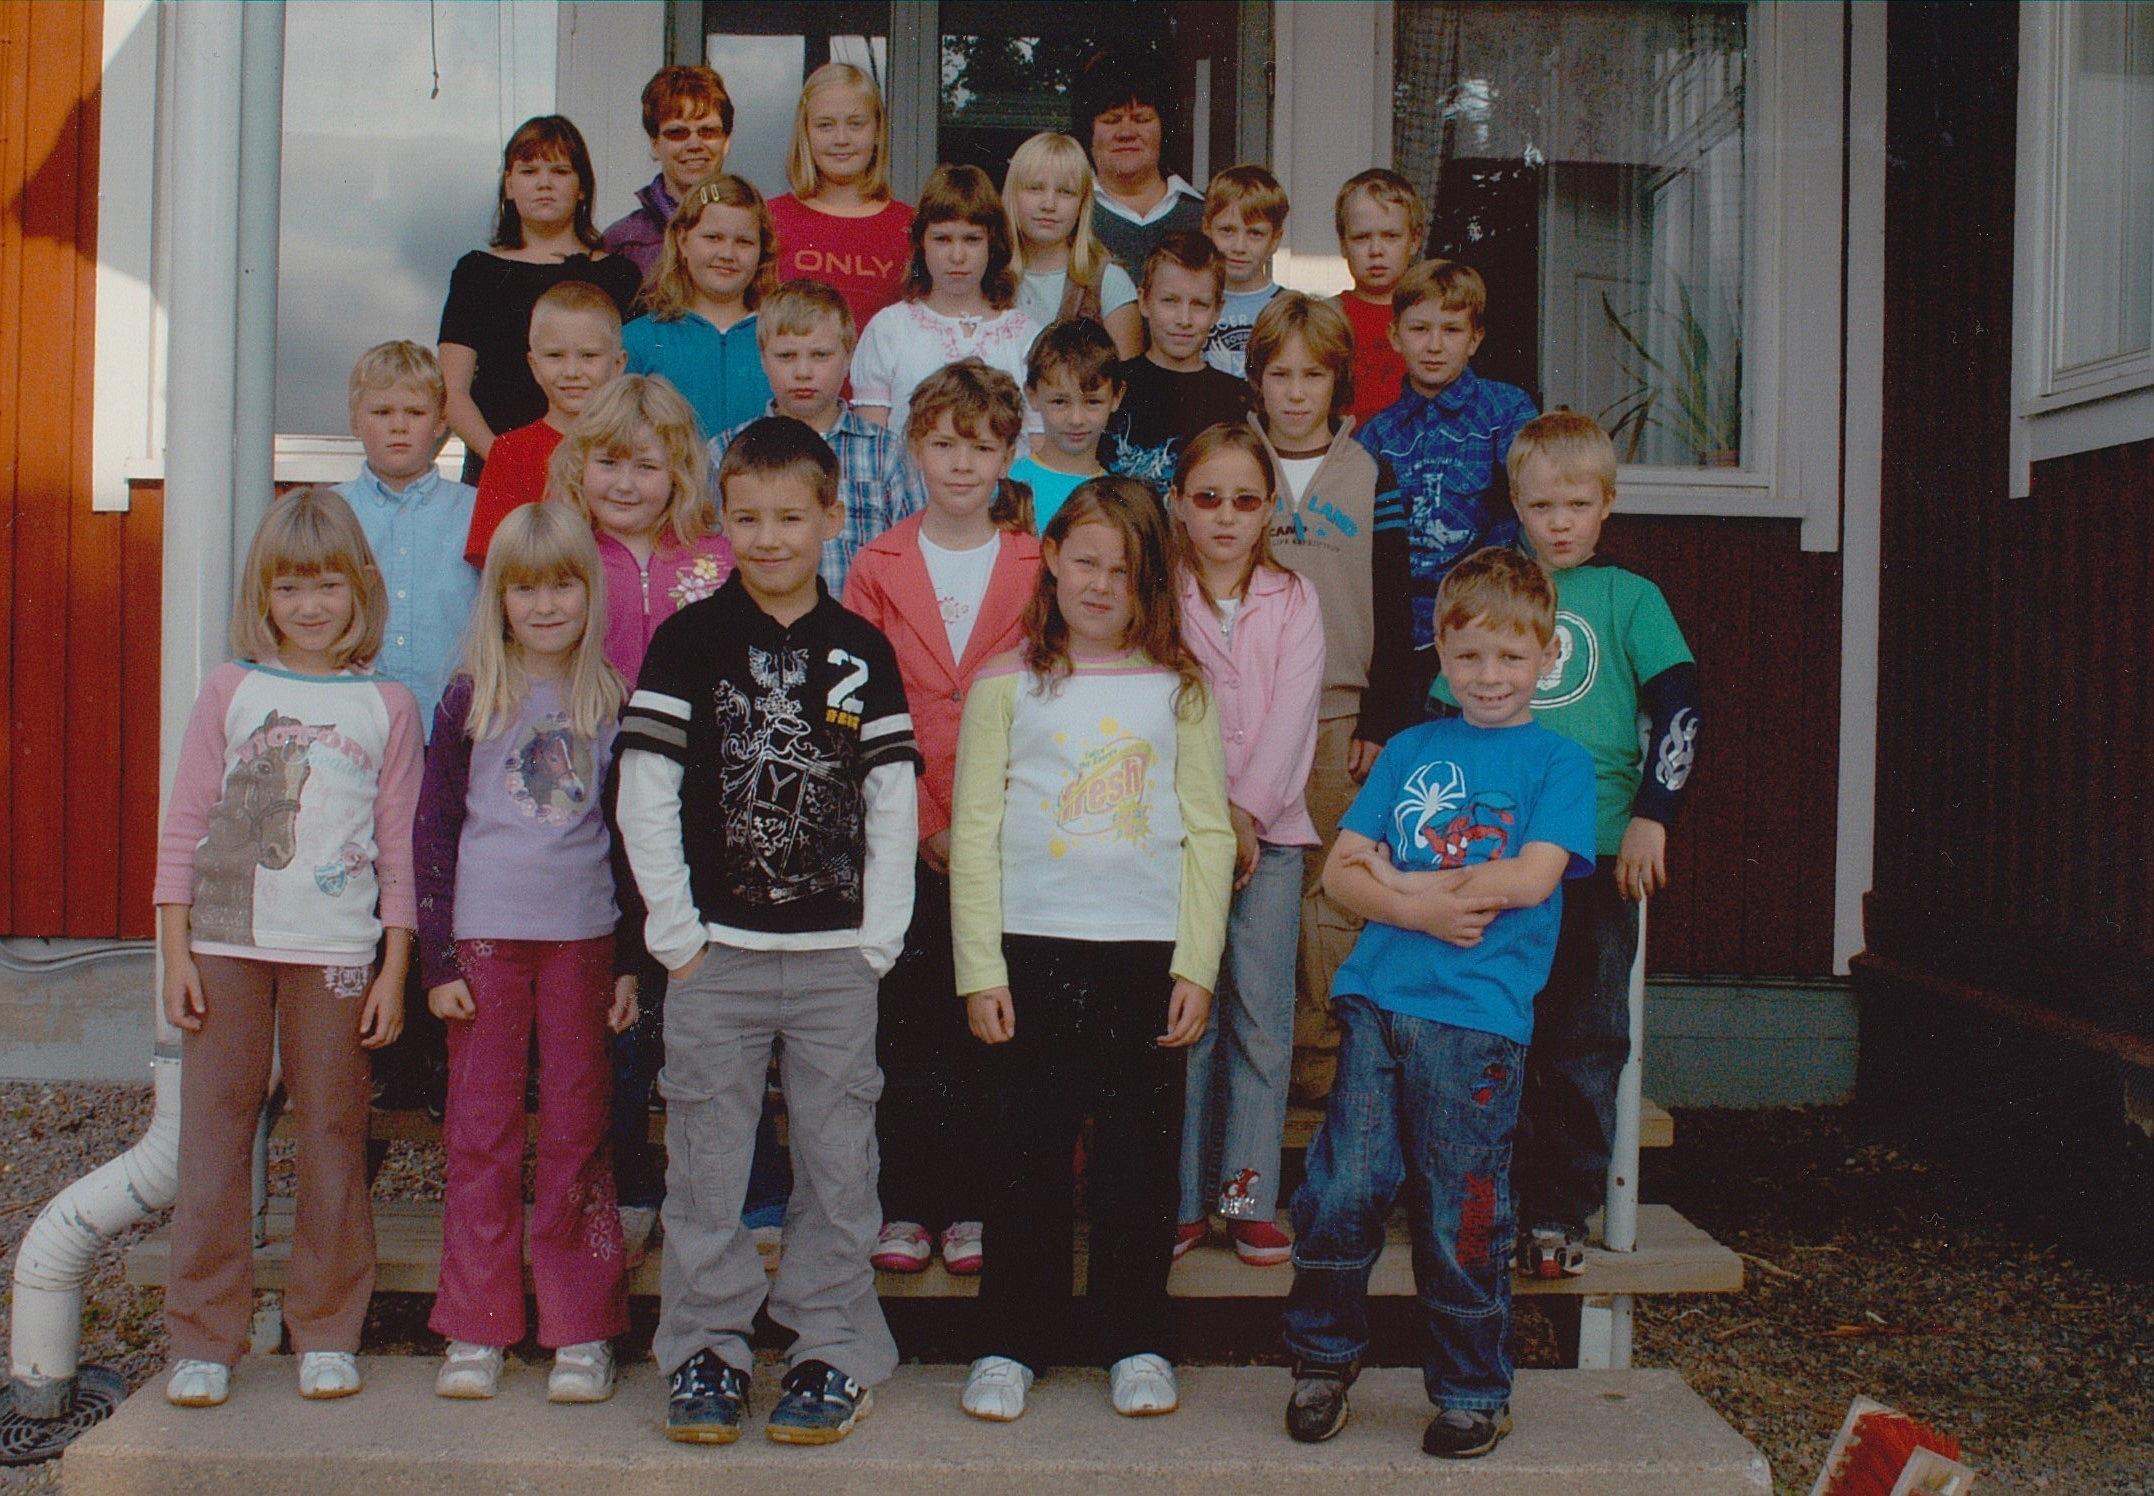 År 2006, Dagsmark skola.